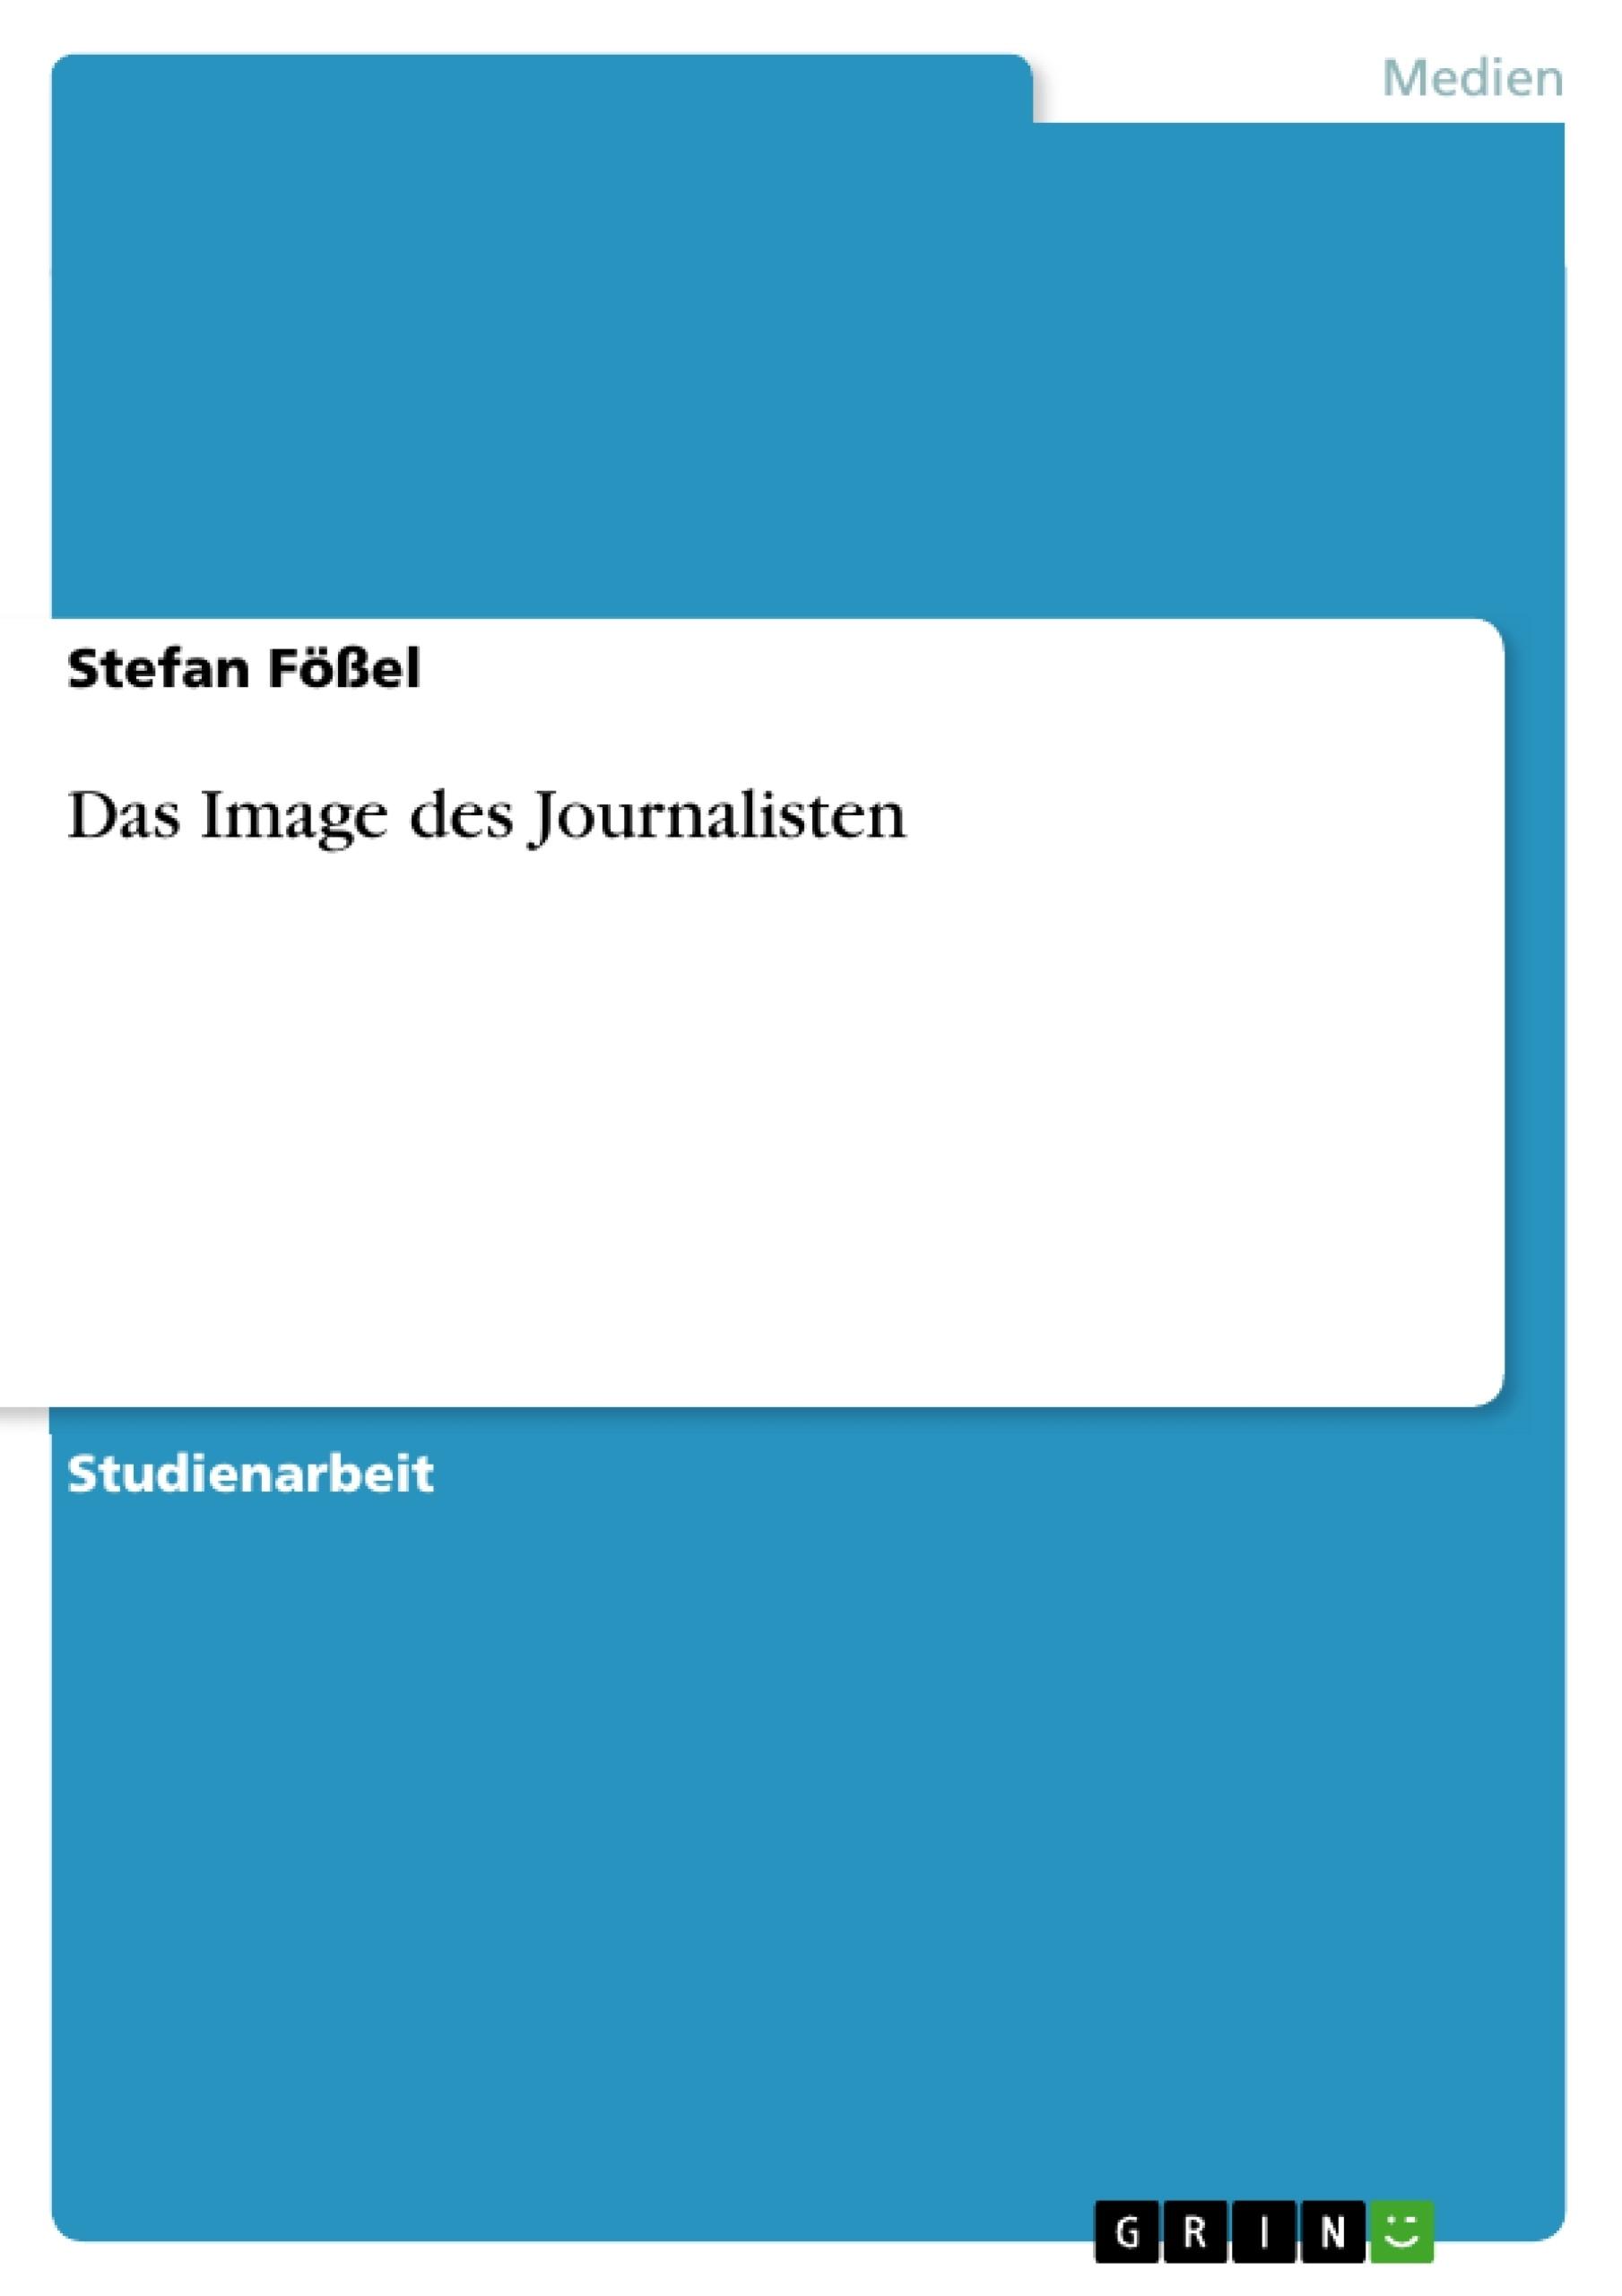 Titel: Das Image des Journalisten